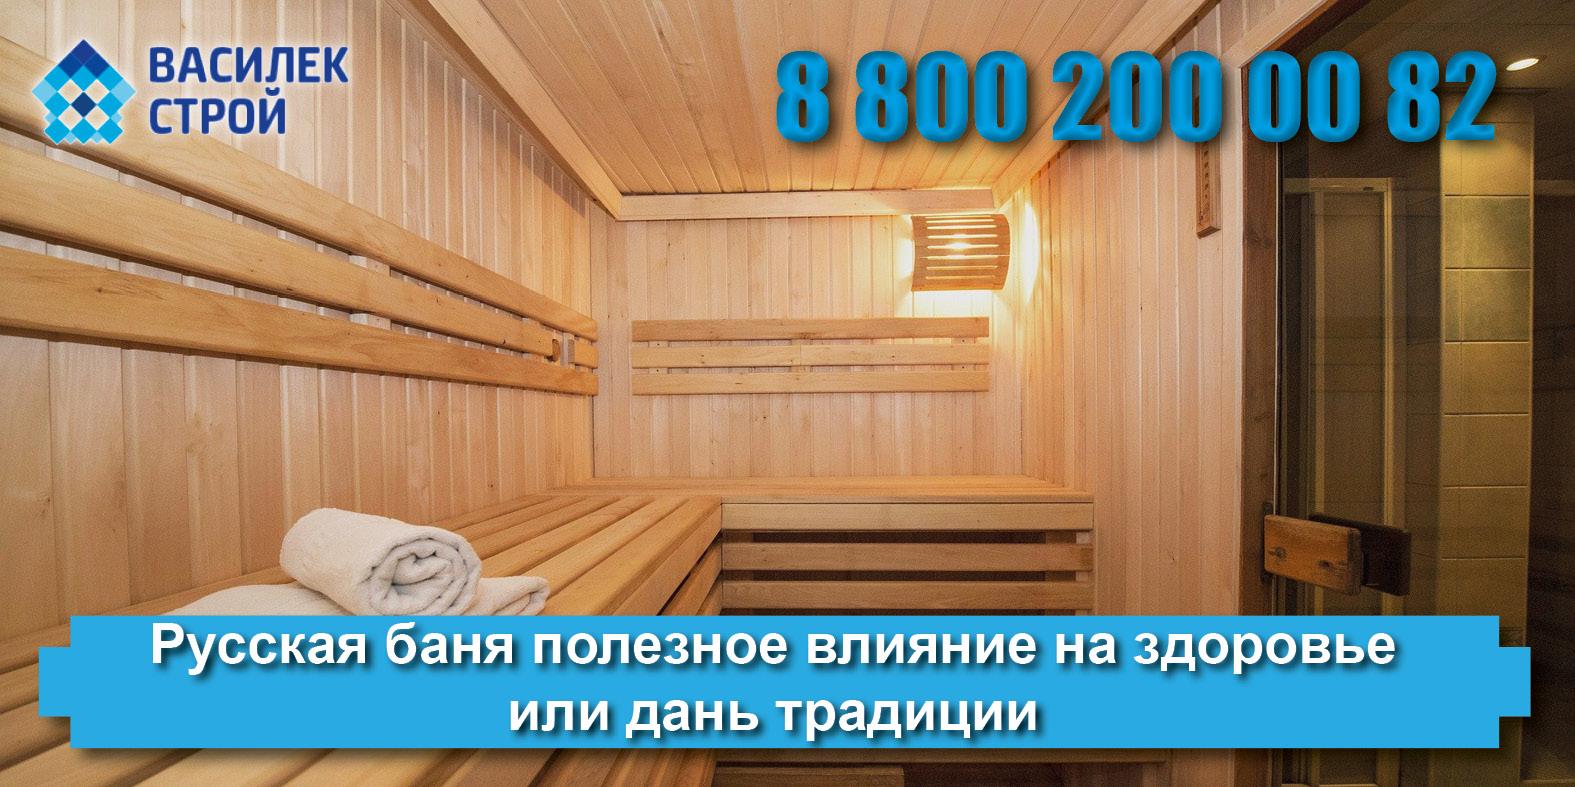 Польза для здоровья от русской бани: особенности русской бани и строительство русской бани из бруса